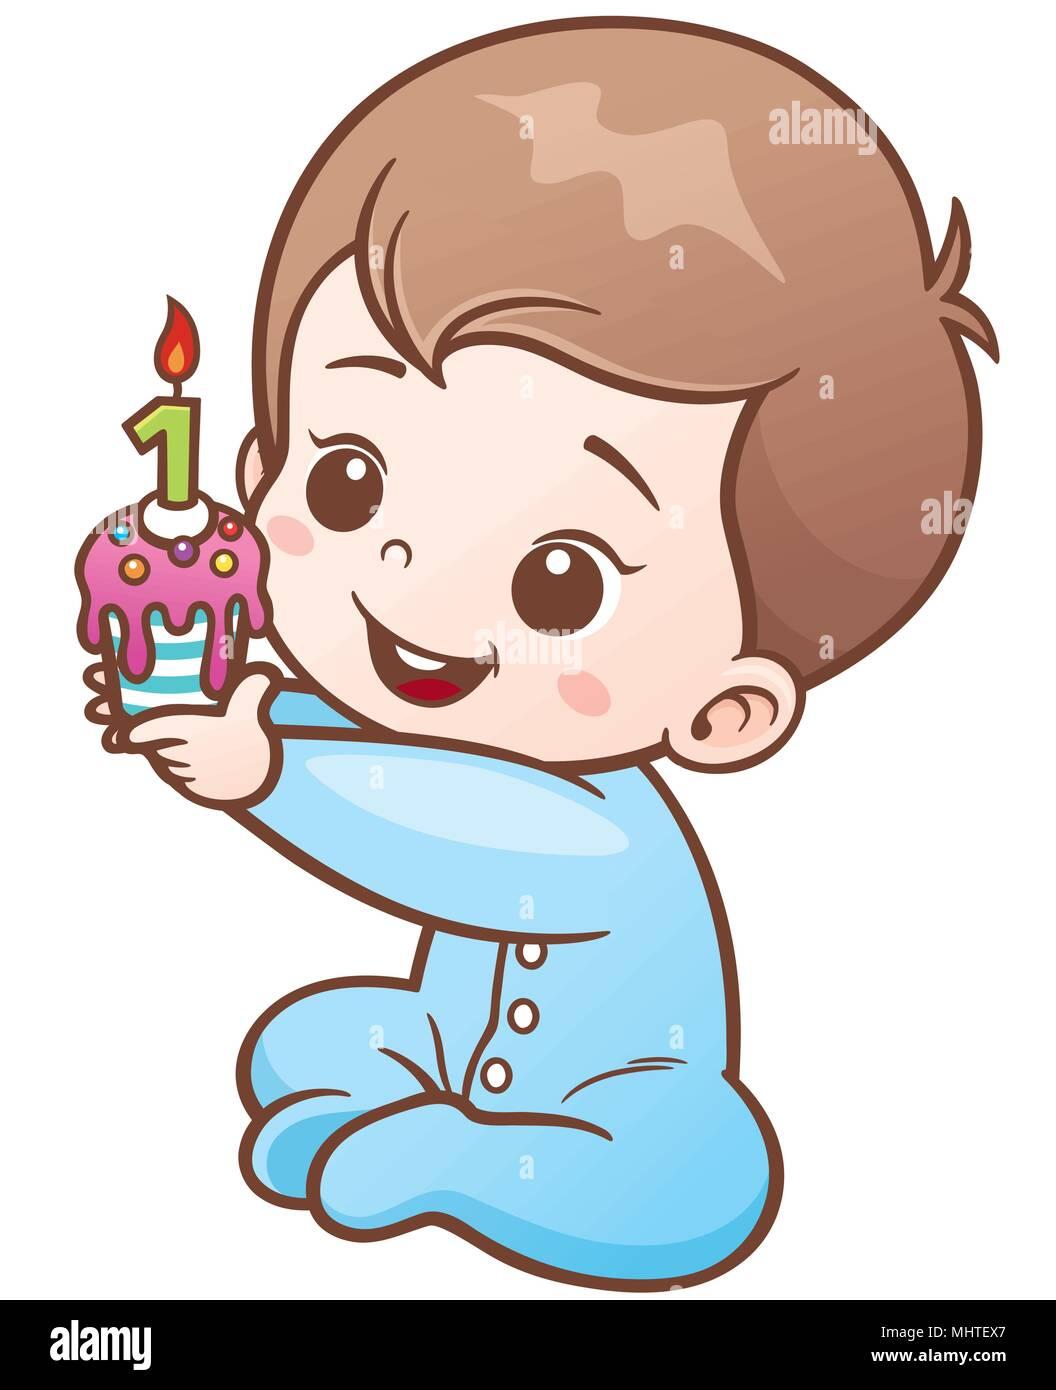 097451d4c Ilustración vectorial de dibujos animados lindo Bebe aguantando el pastel  de cumpleaños de un año. Disponible para cualquier proyecto